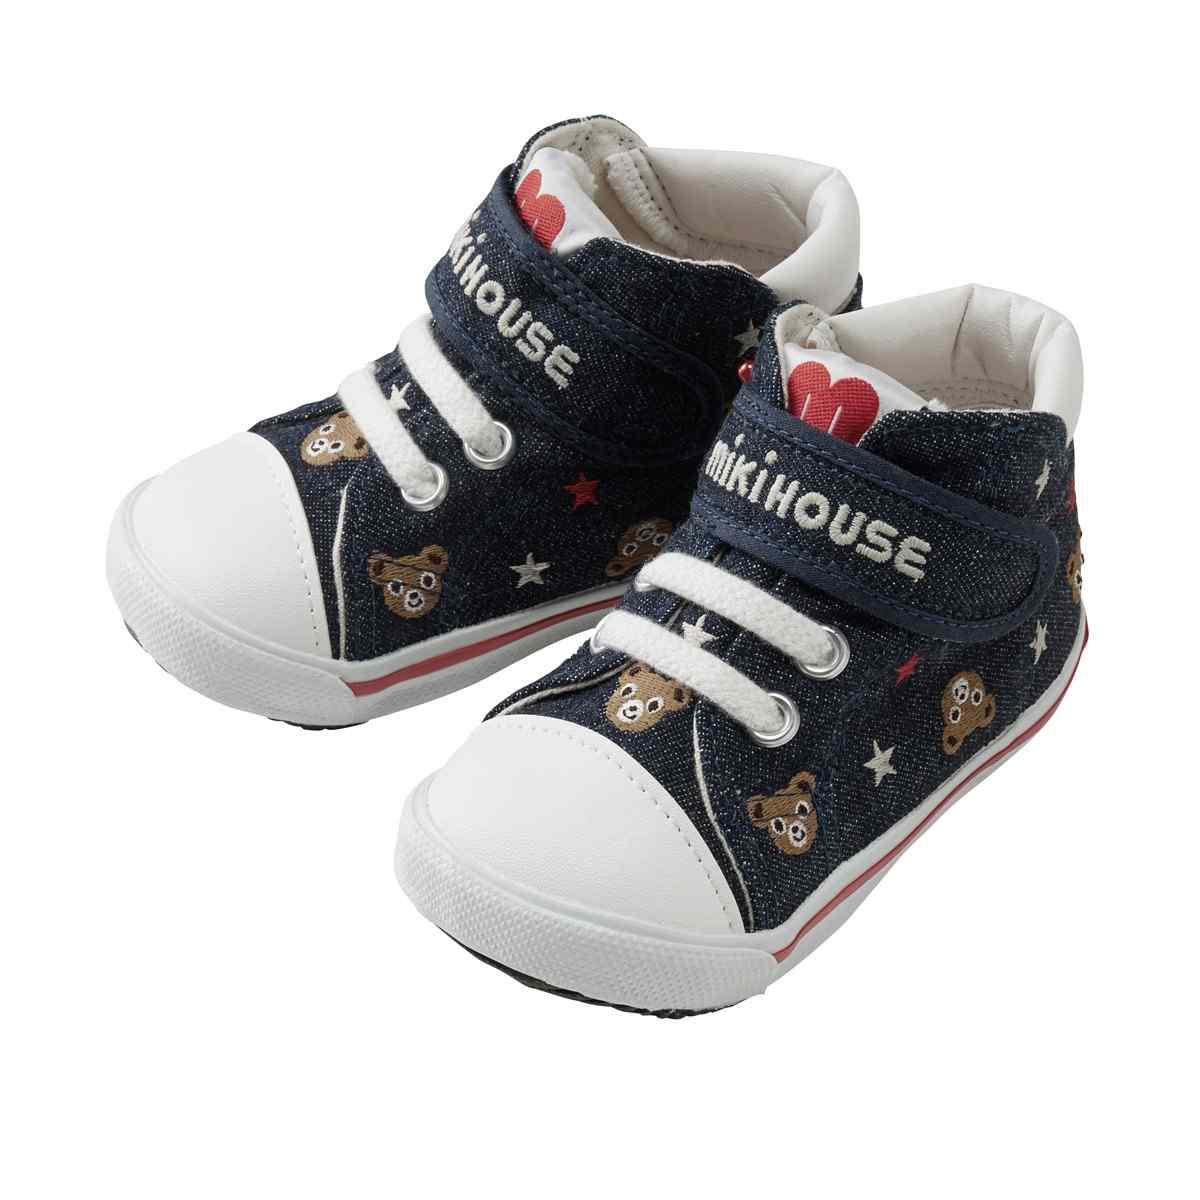 ぷちプッチー★総柄セカンドベビーシューズ ミキハウス ベビー mikihouse 靴(13cm-15.5cm)(日本製)